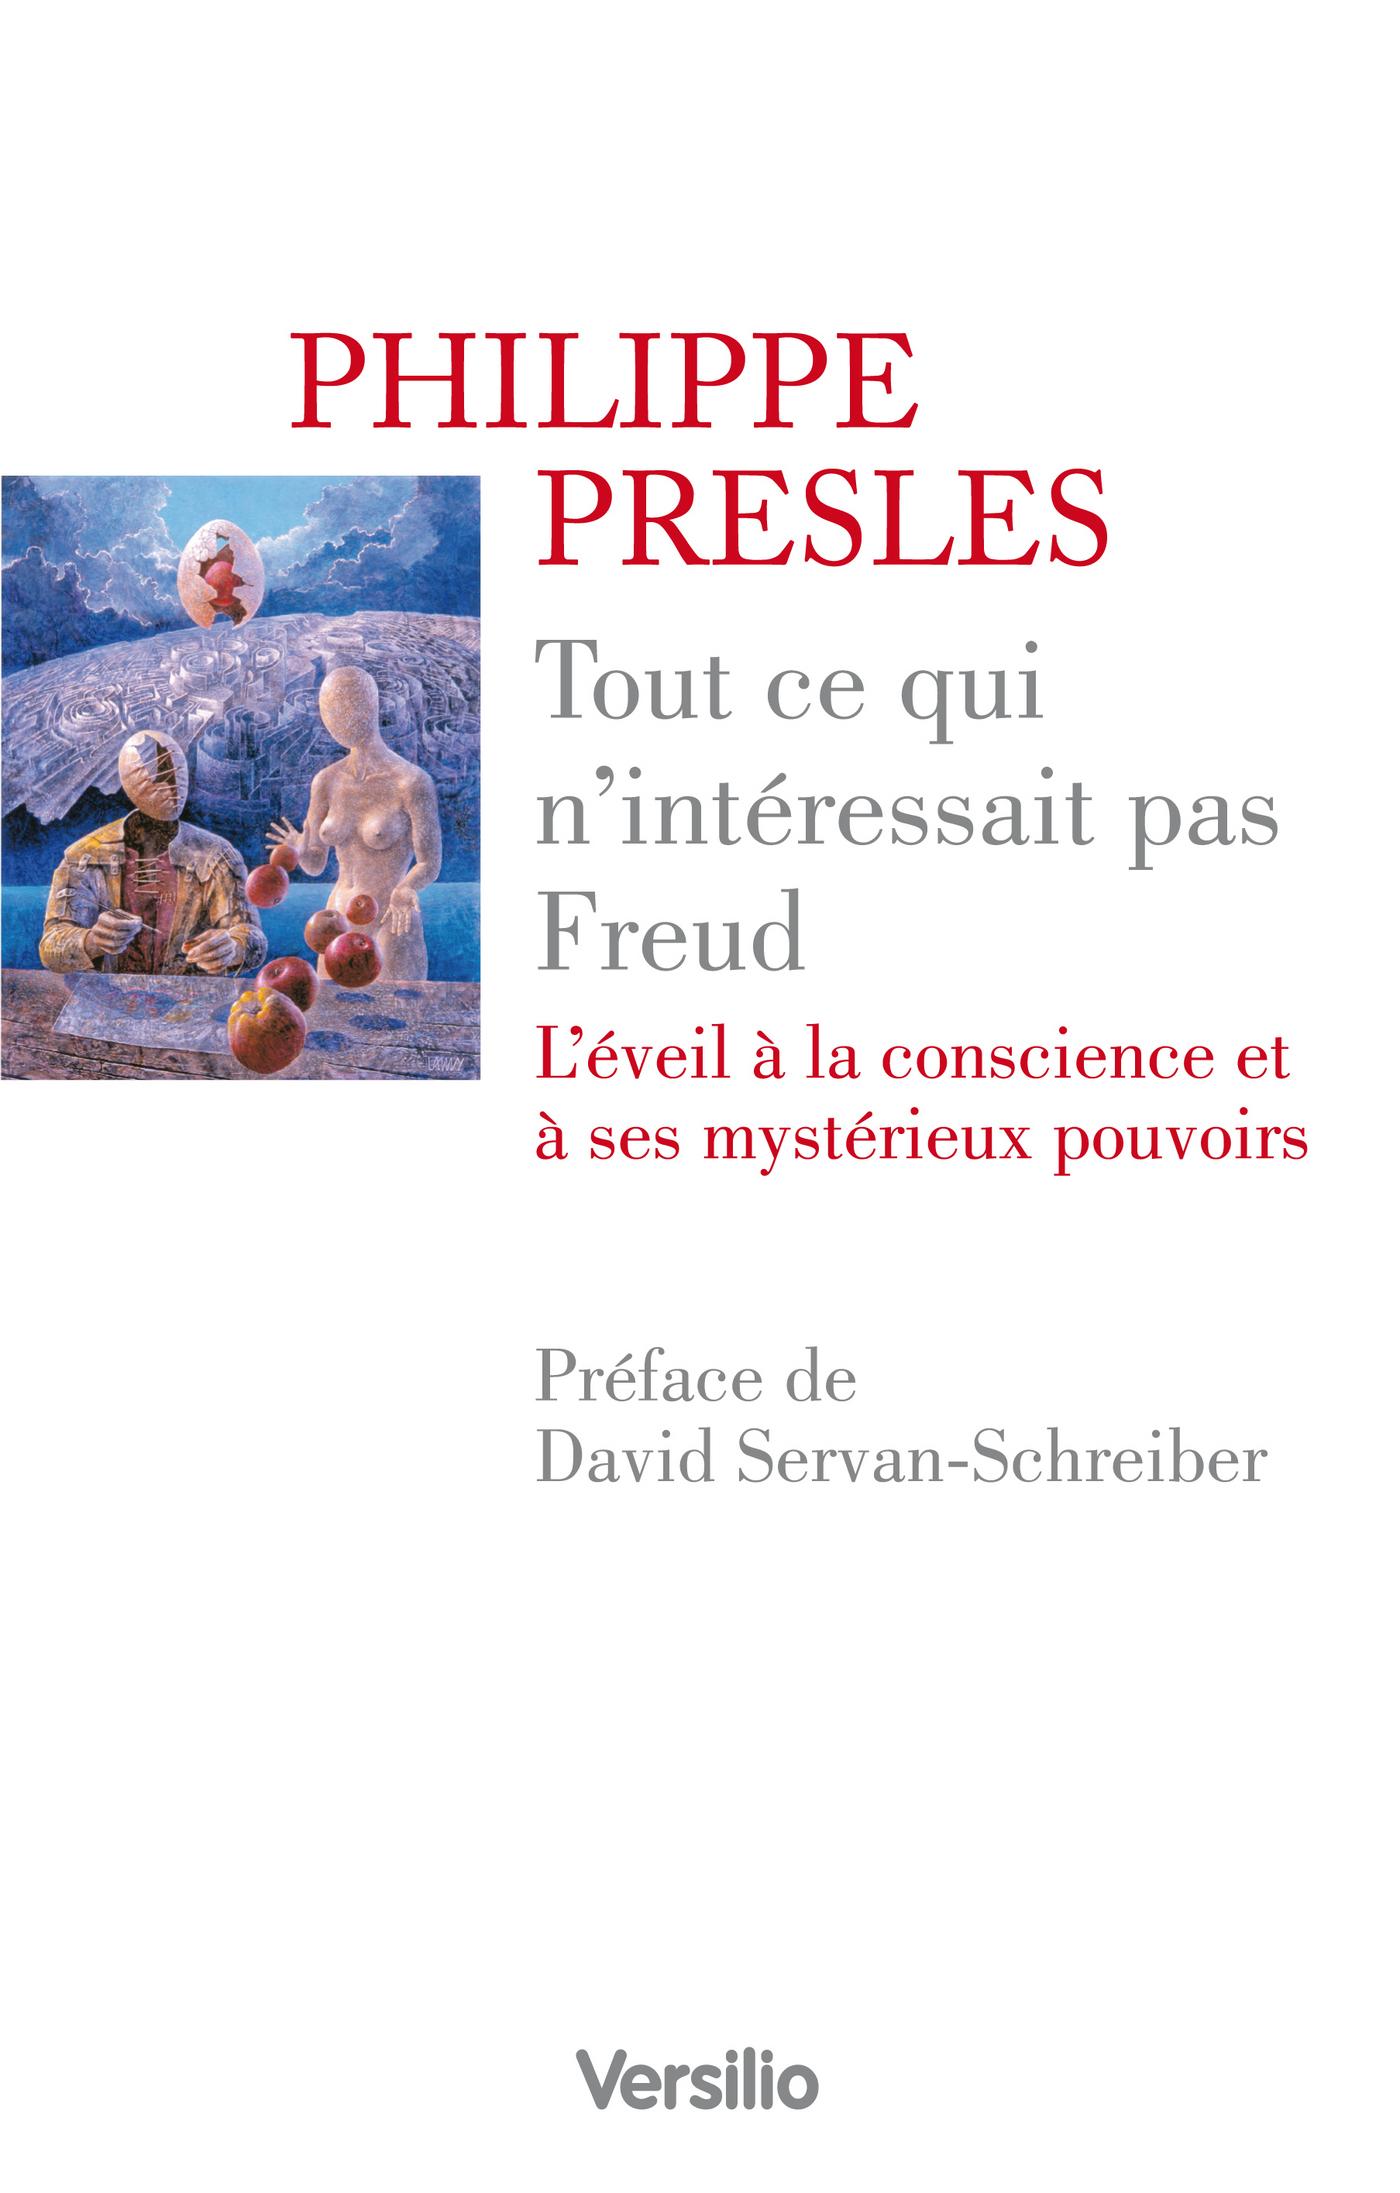 Tout ce qui n'intérressait pas Freud - L'éveil à la conscience et à ses mystérieux pouvoirs